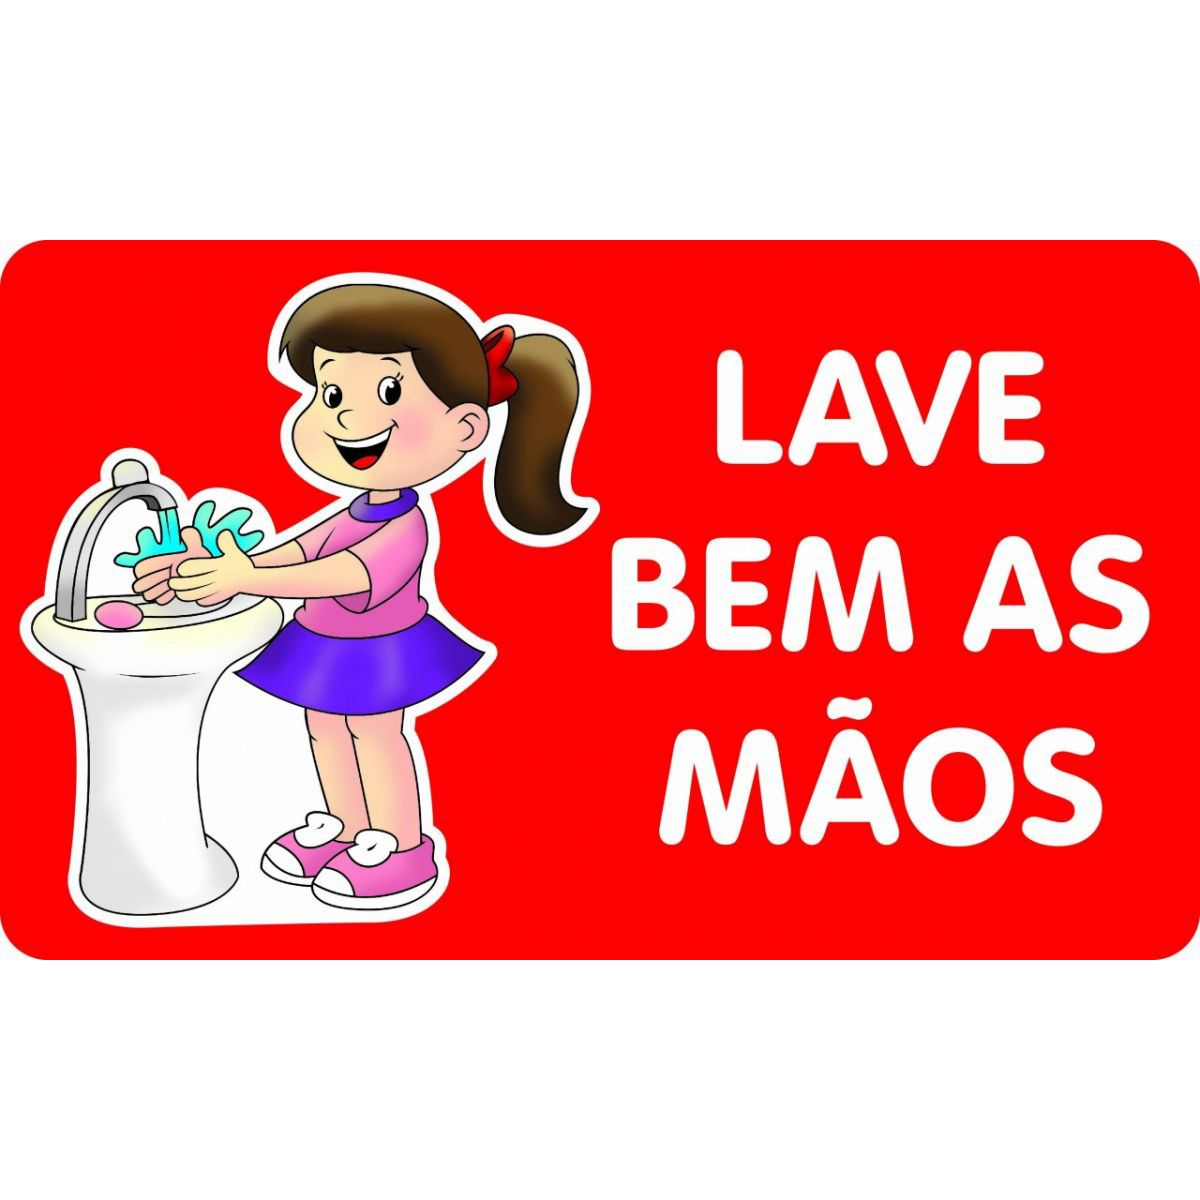 Painel Lave Bem as Mãos Meninas E.V.A